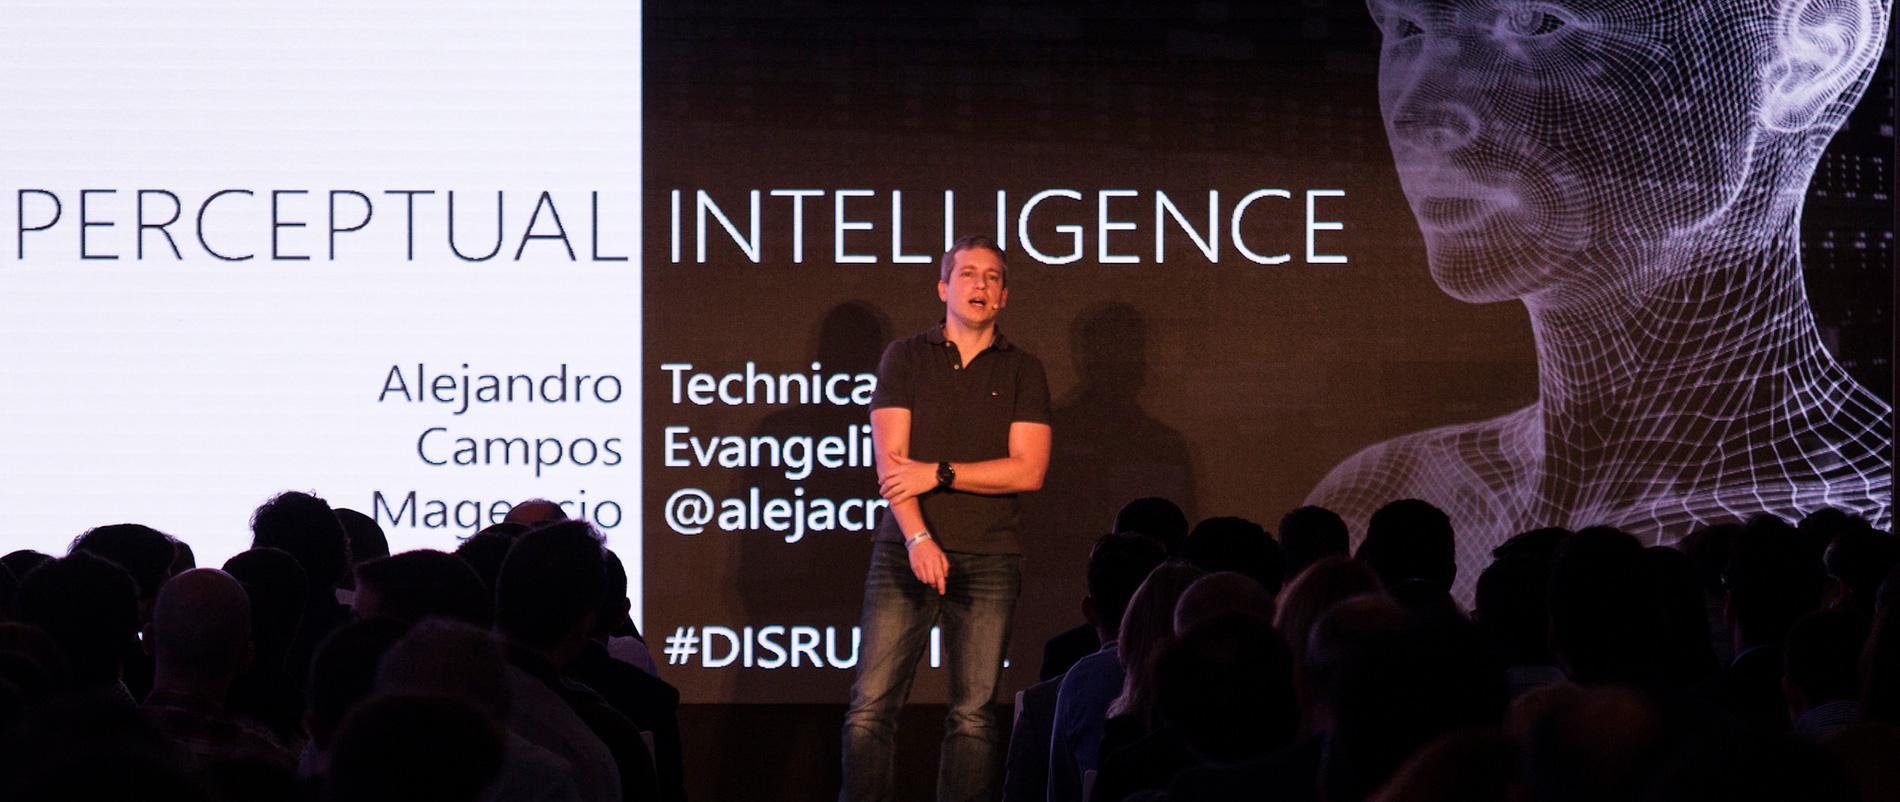 Disruptive2016 presentación inteligencia perceptual